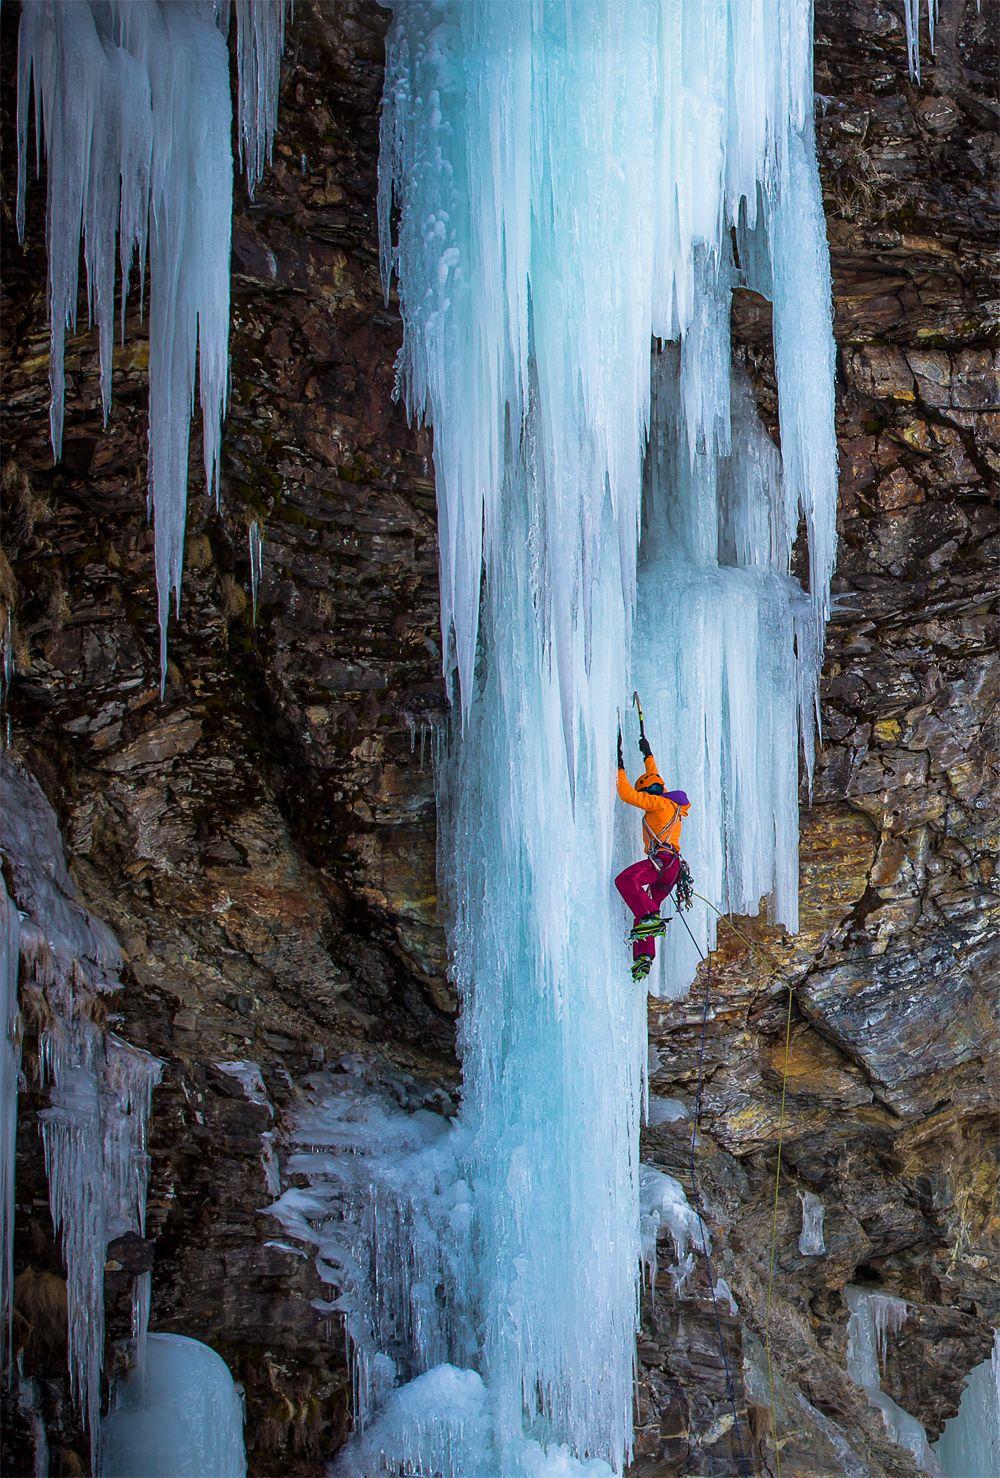 Arc'teryx ice climbing